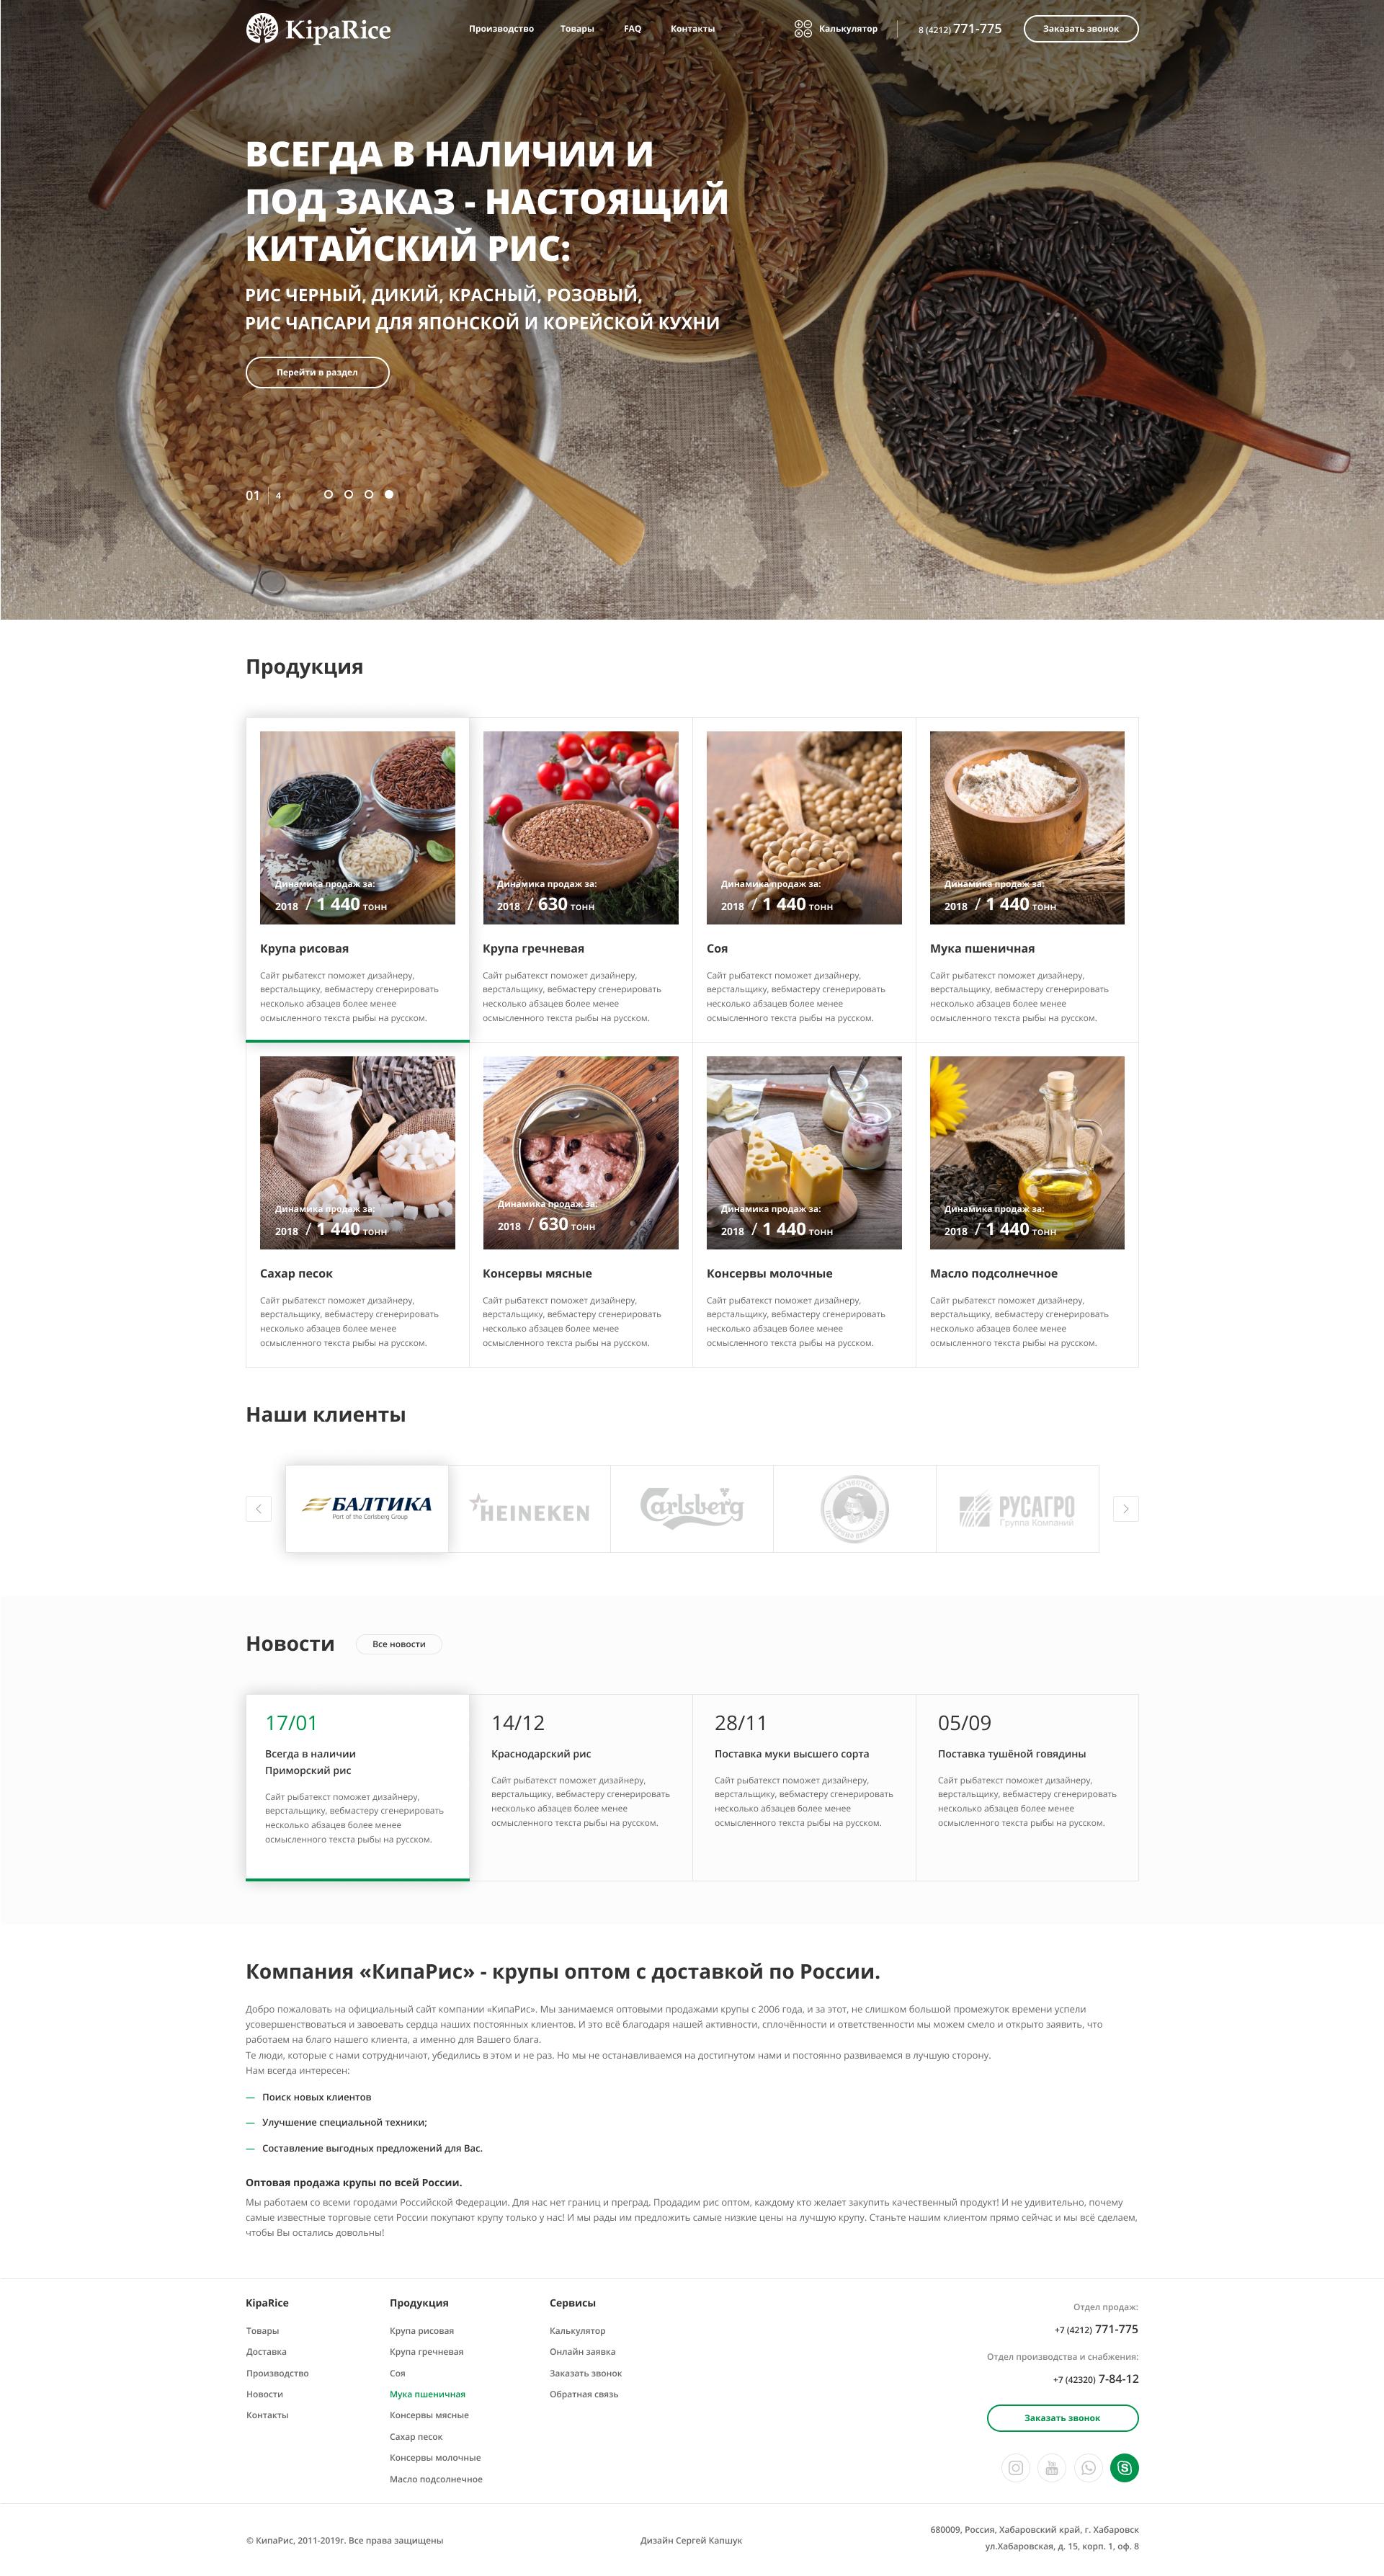 Корпоративный сайт компании KipaRice